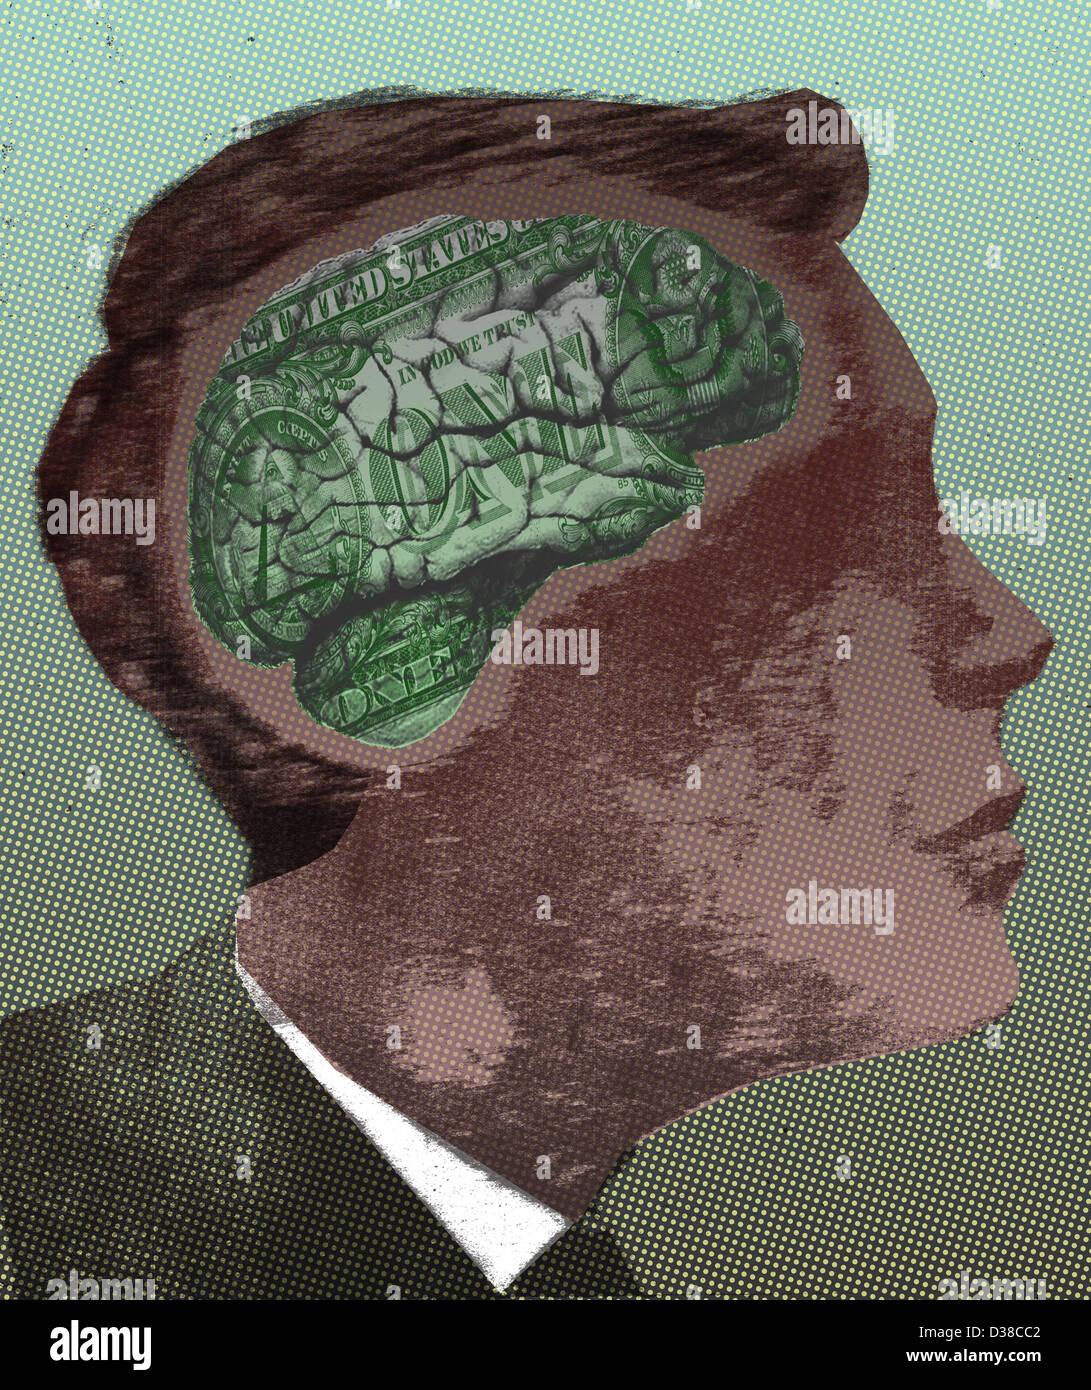 Immagine illustrativa di imprenditore con denaro minded cervello che rappresentano il pensiero economico Immagini Stock